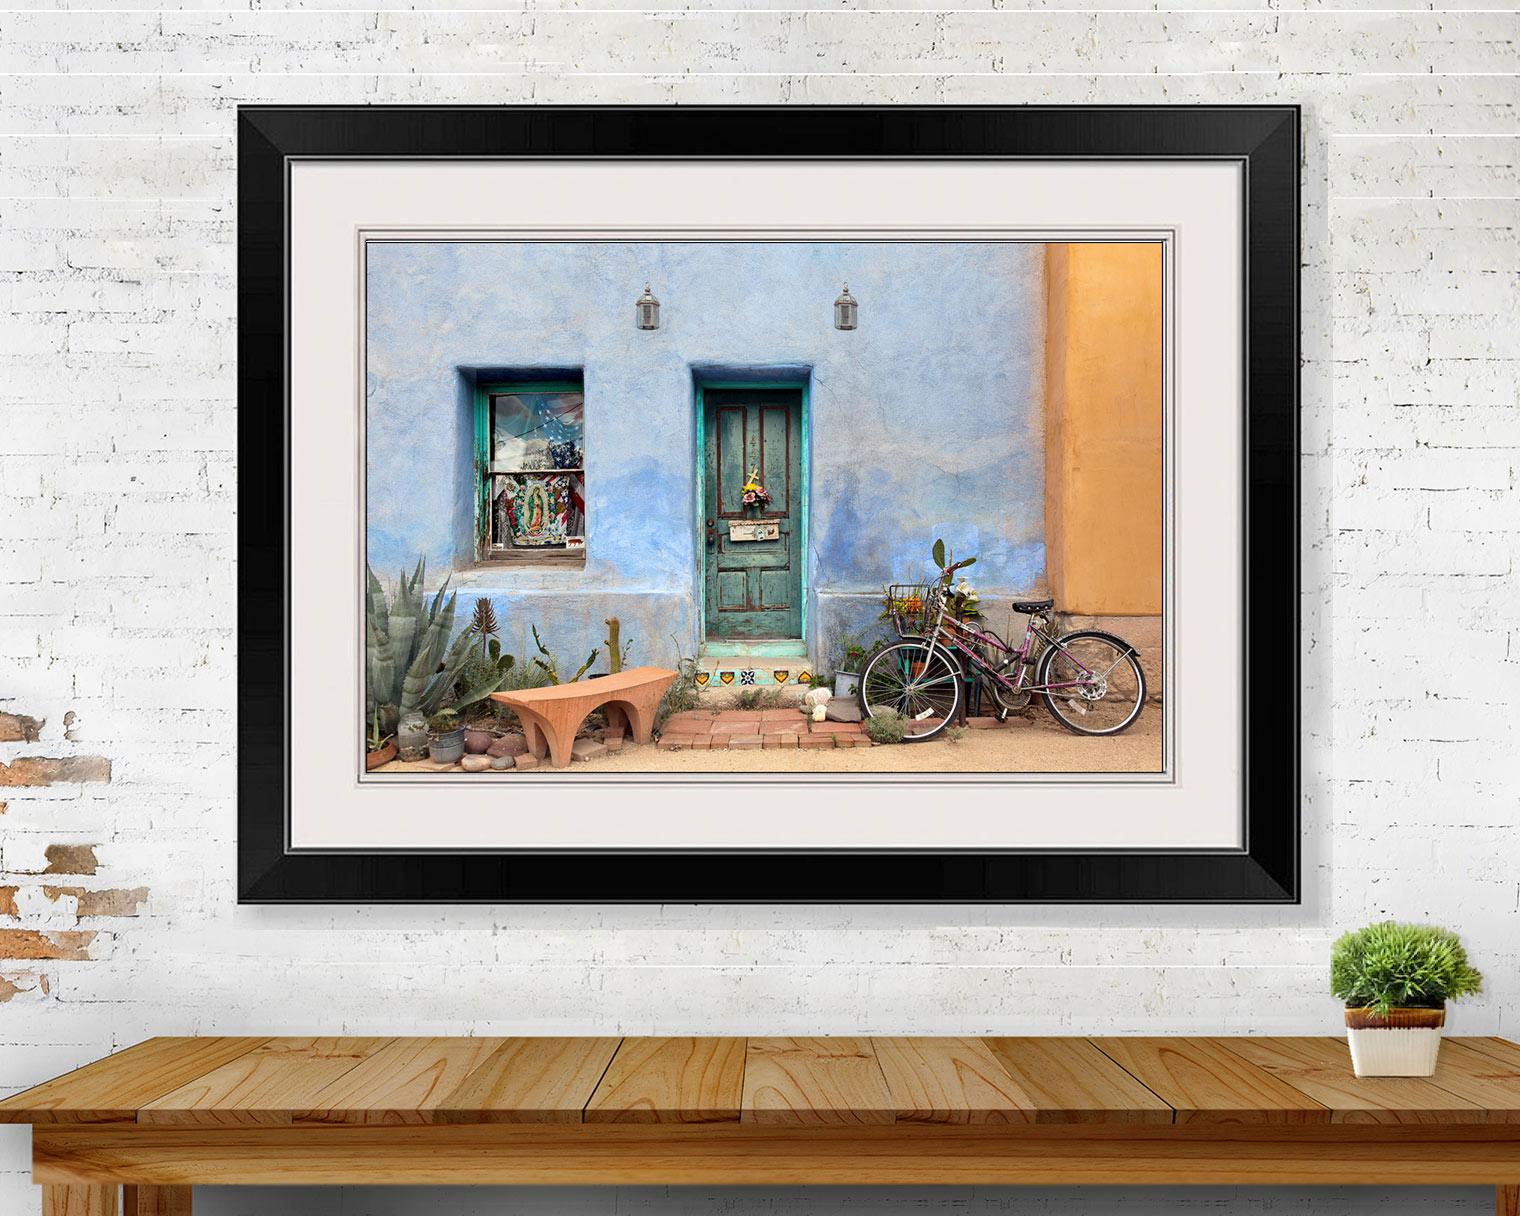 Blue Adobe Soutwest Home